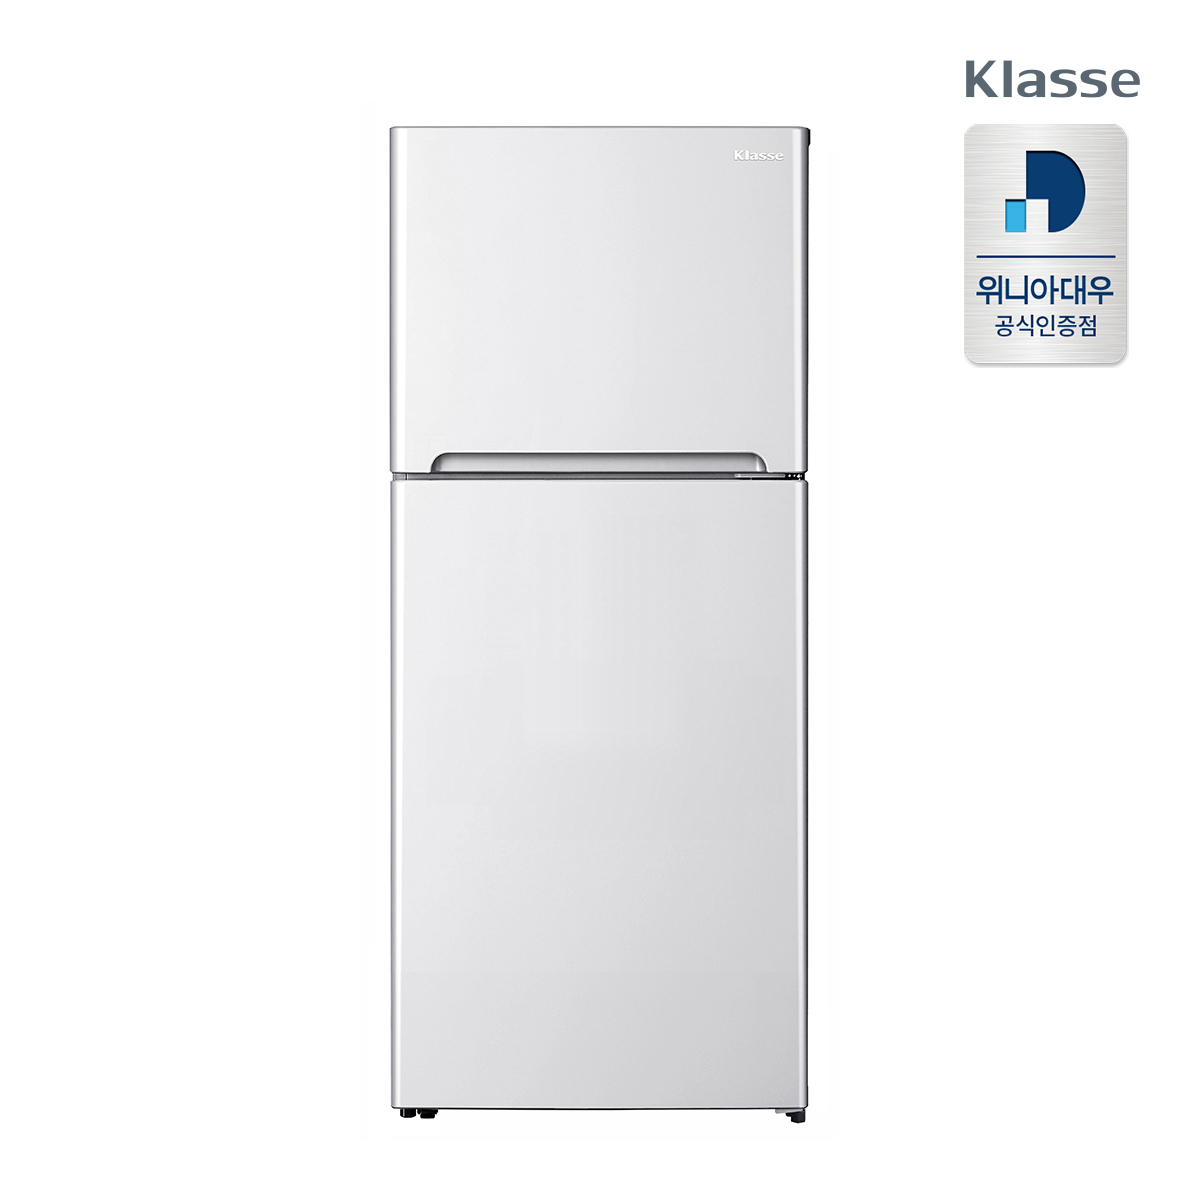 인증점 대우전자 322L 2도어 냉장고 가성비 굿 FR-G324SDWK